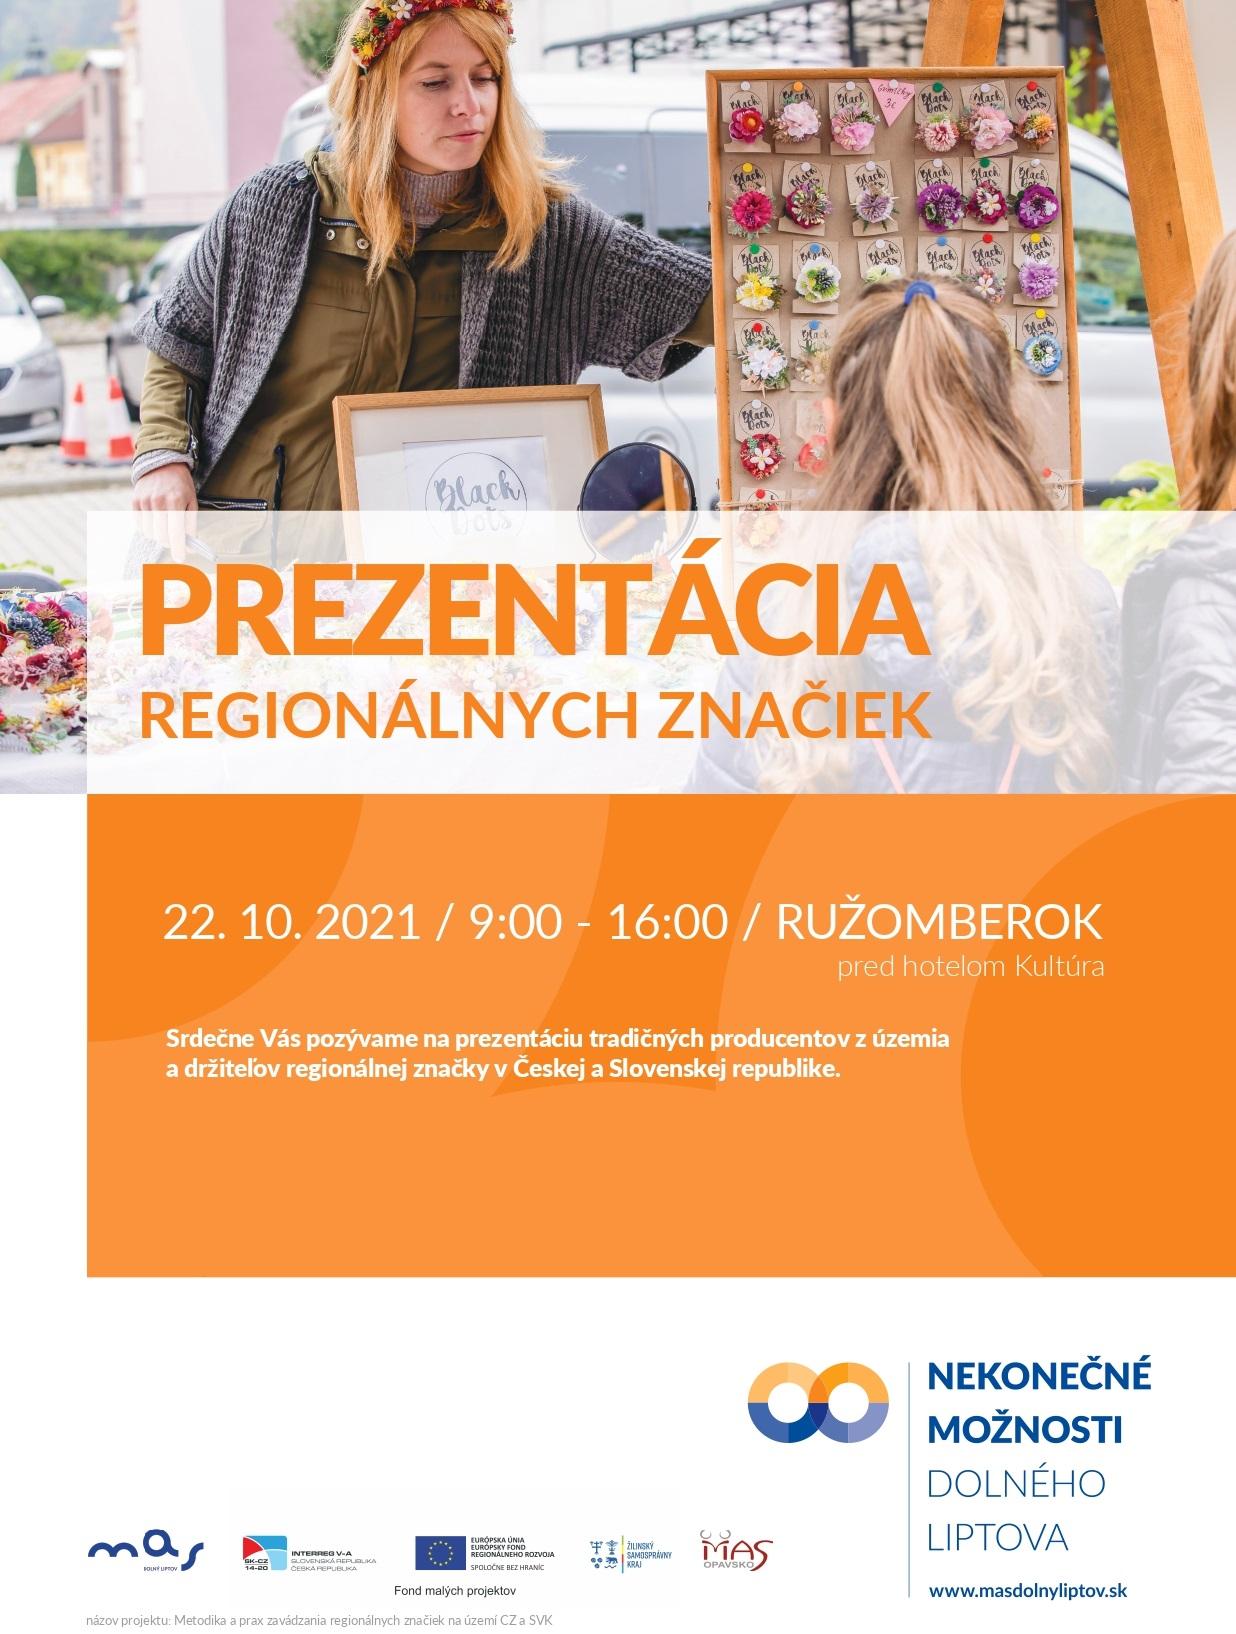 prezentácia regionálnych značiek ružomberok 2021